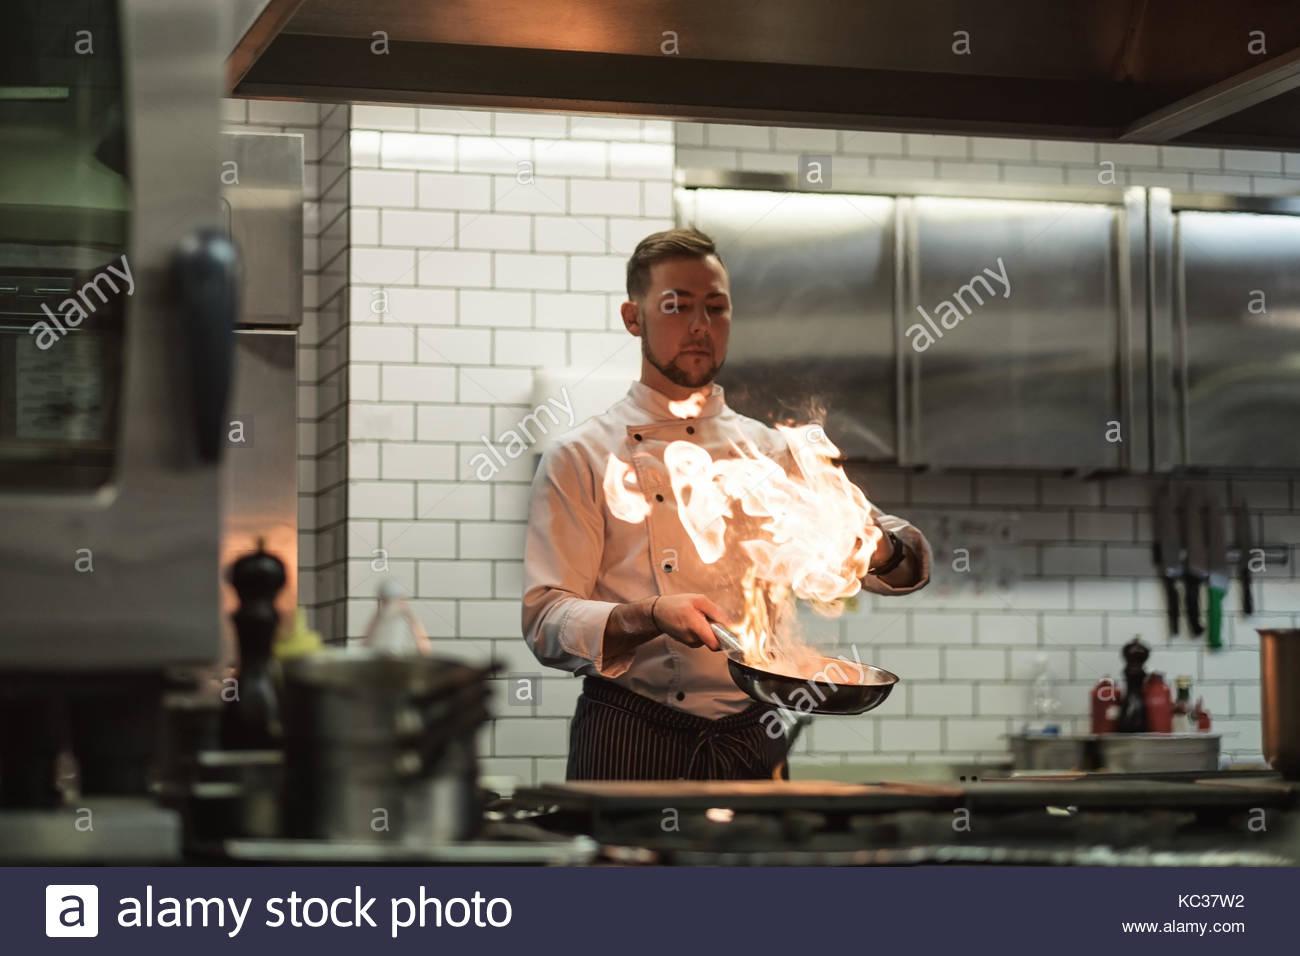 Un homme cuit la cuisson friteuses dans un feu de cuisine. Photo Stock